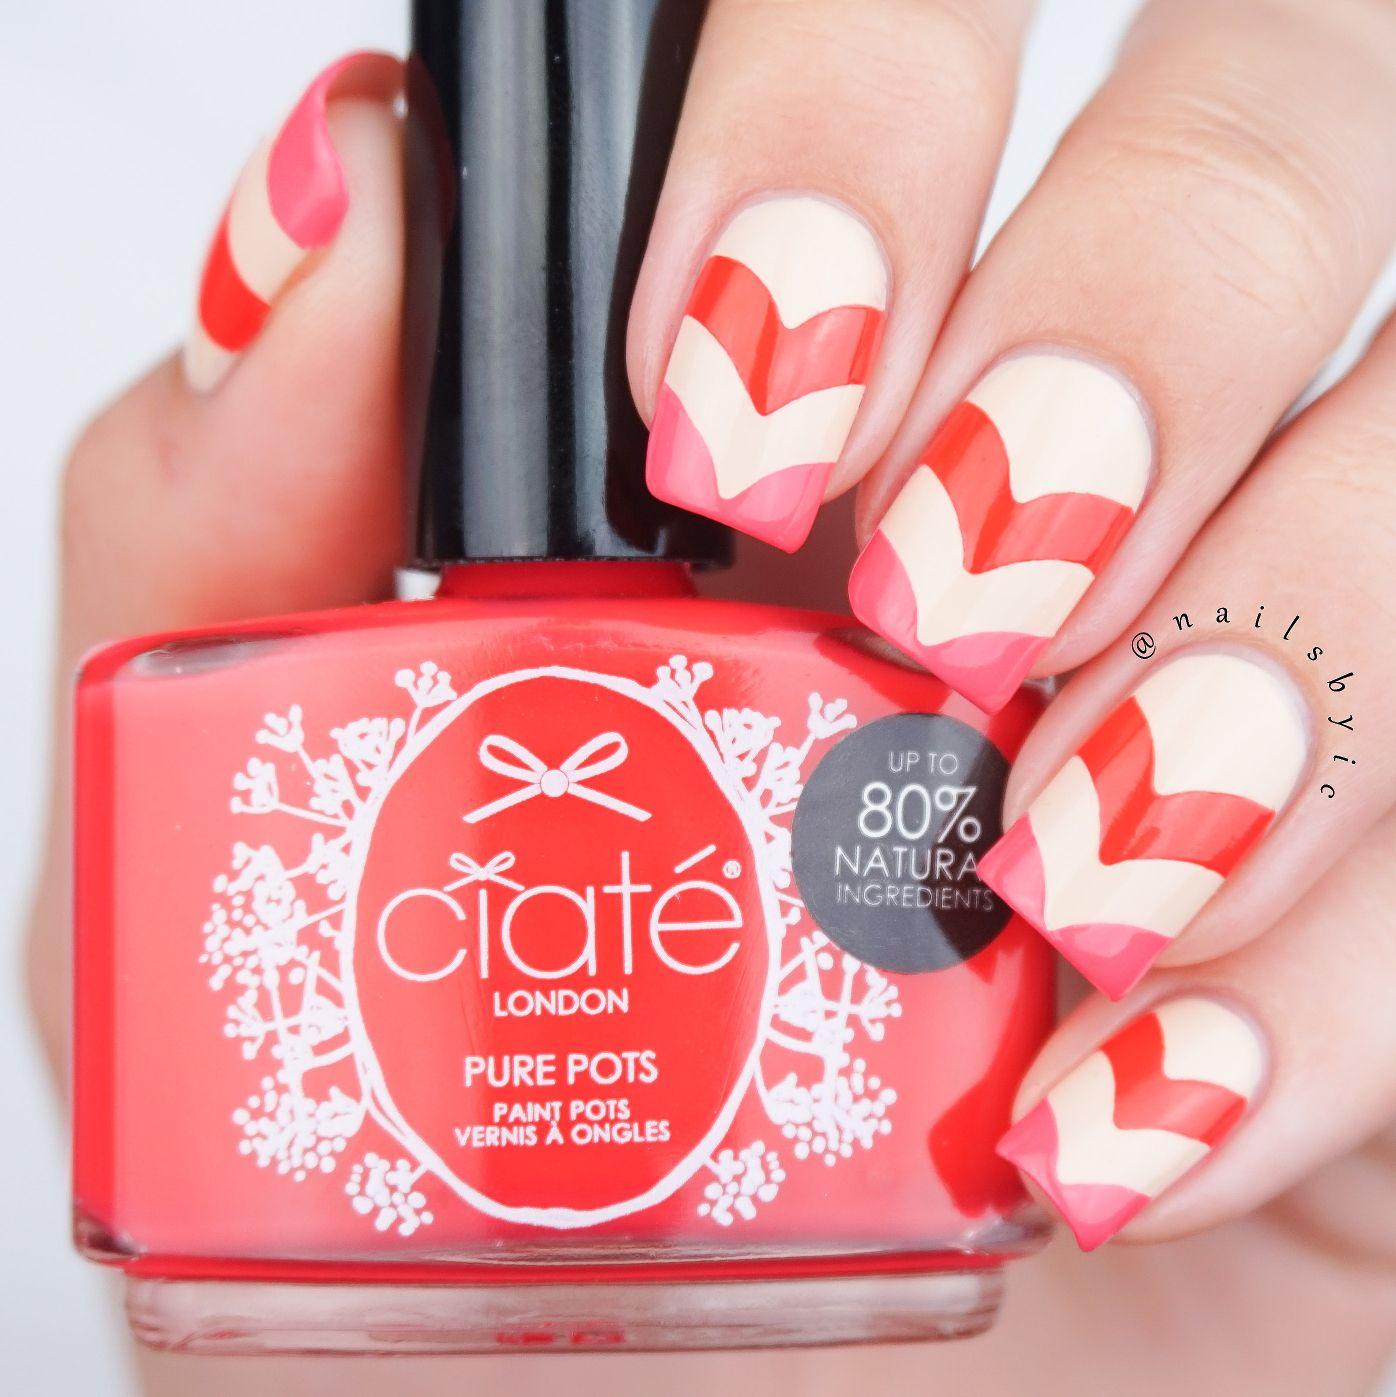 Ciaté Pure Pots chevron nail art. Review of the Ciaté Pure ...